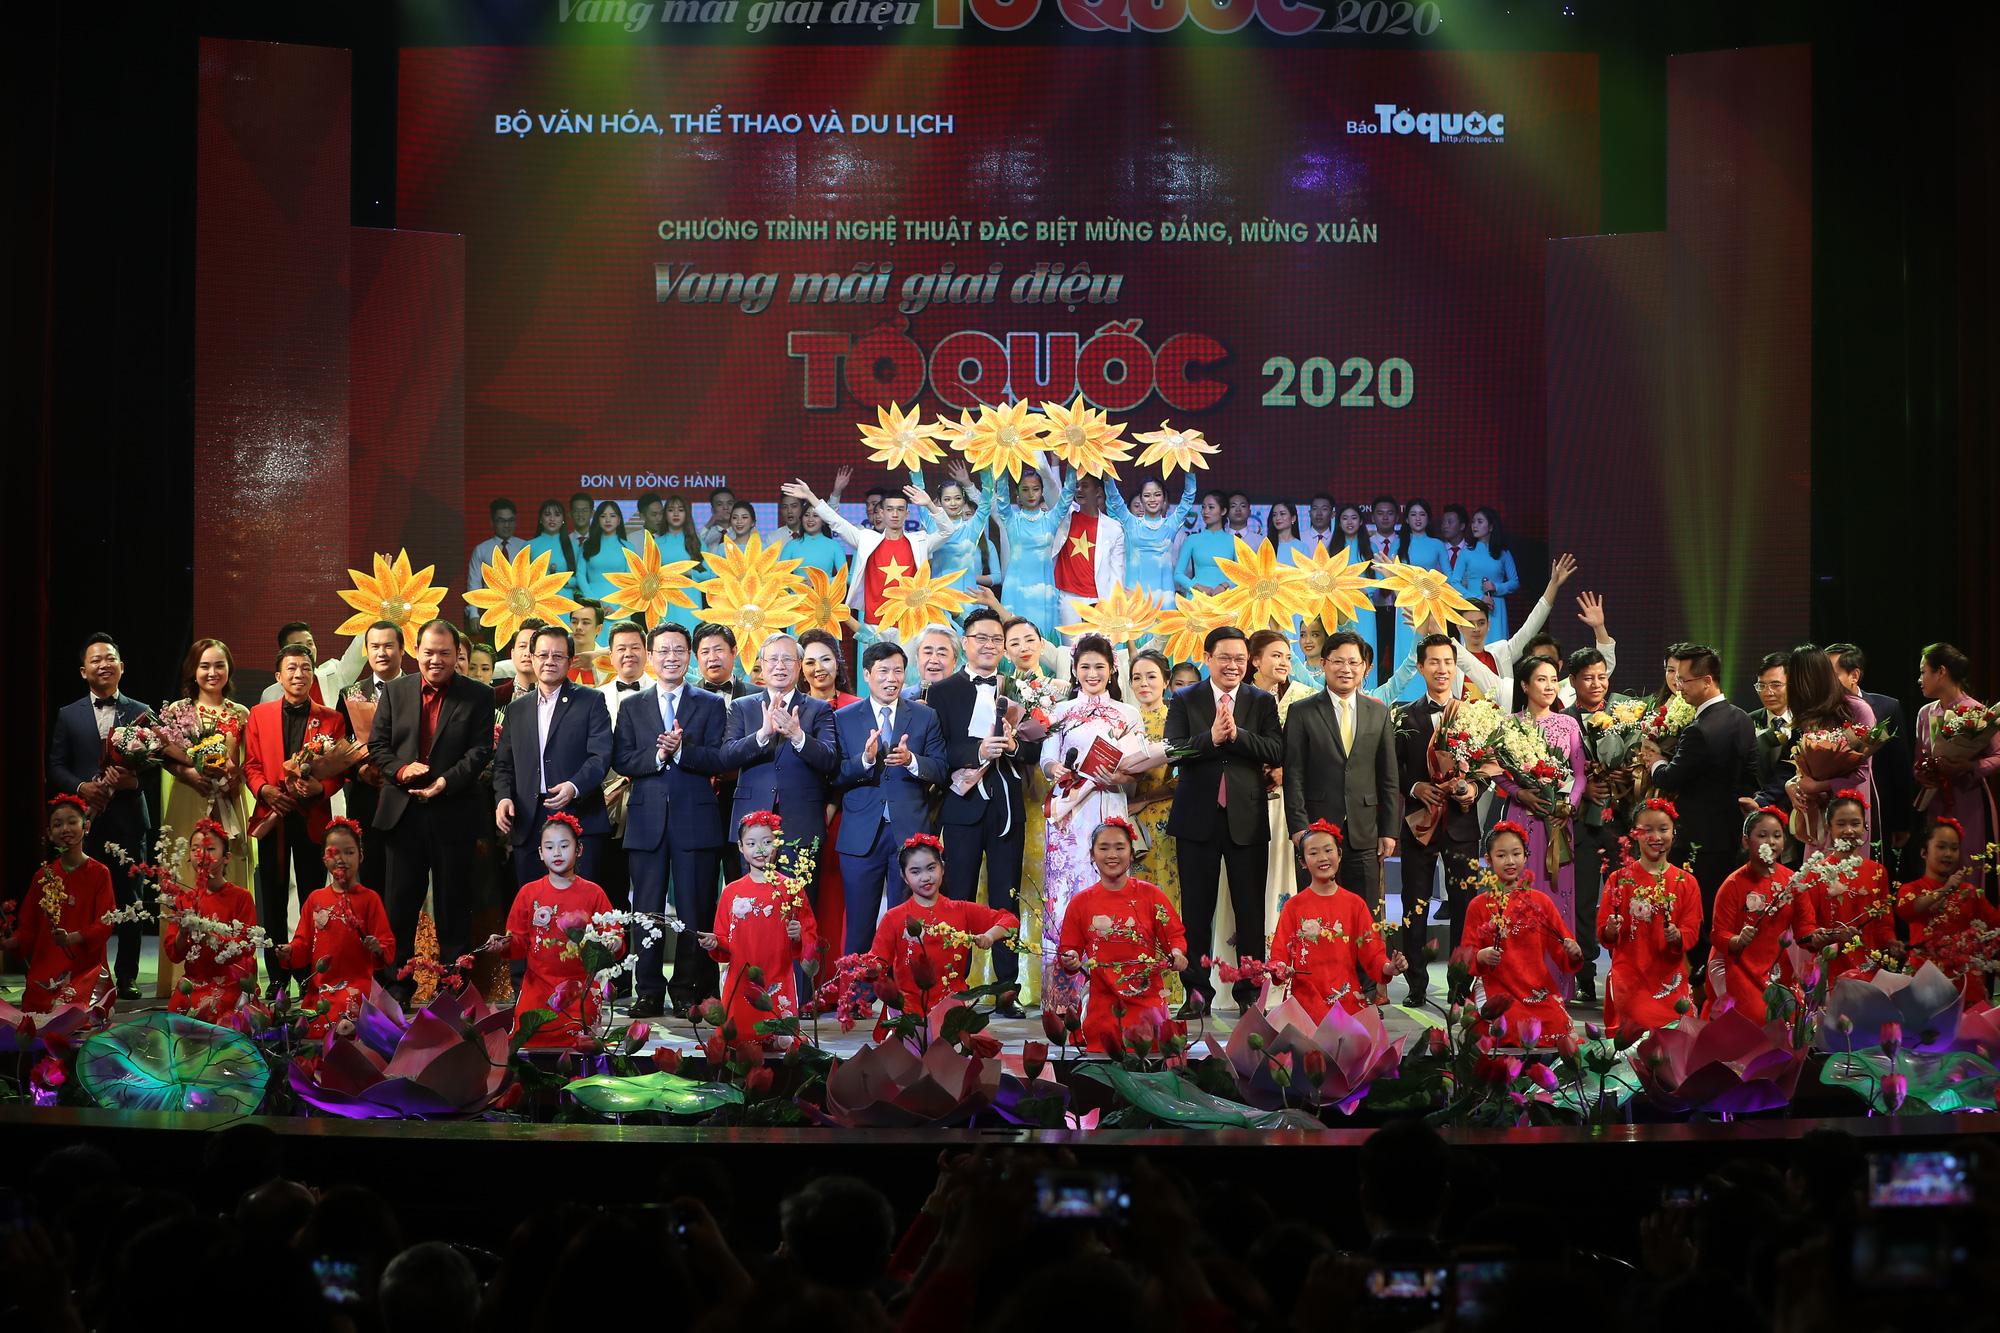 Chương trình nghệ thuật Vang mãi Giai điệu Tổ Quốc 2020